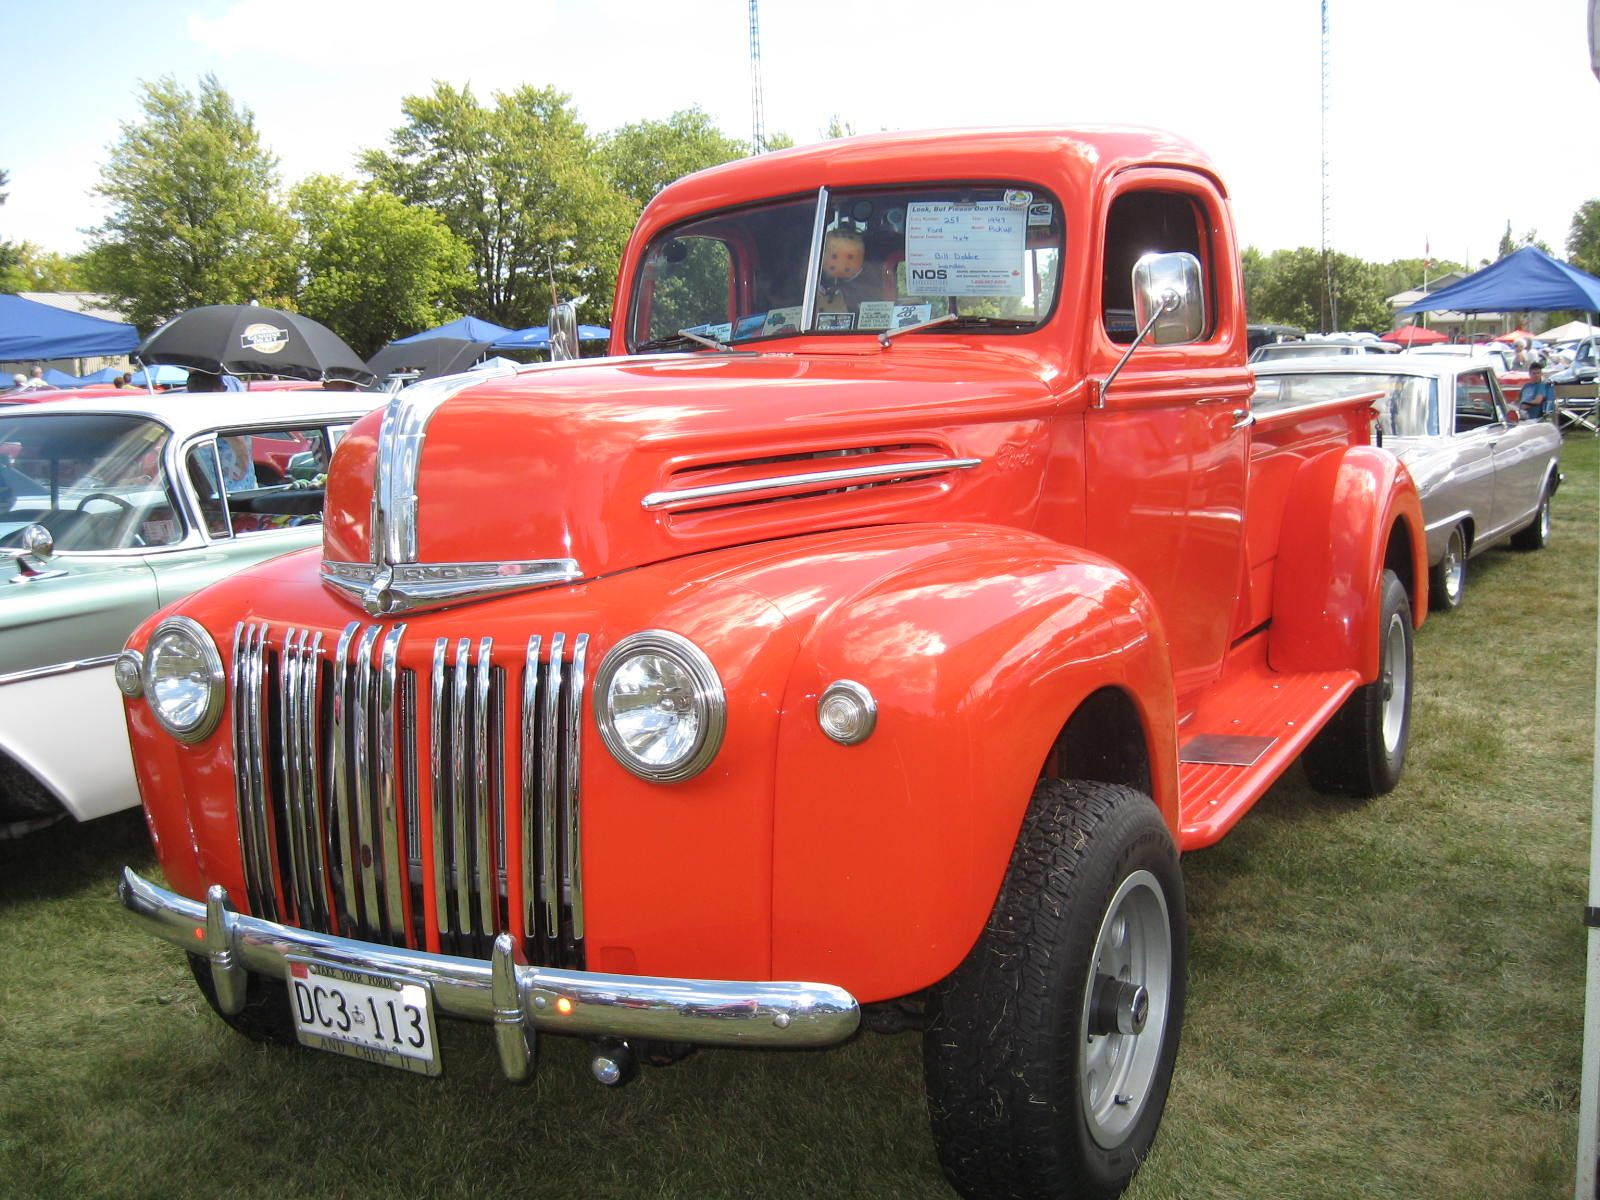 Classic Truck Vintage Trucks Old Ford Trucks Cars Trucks